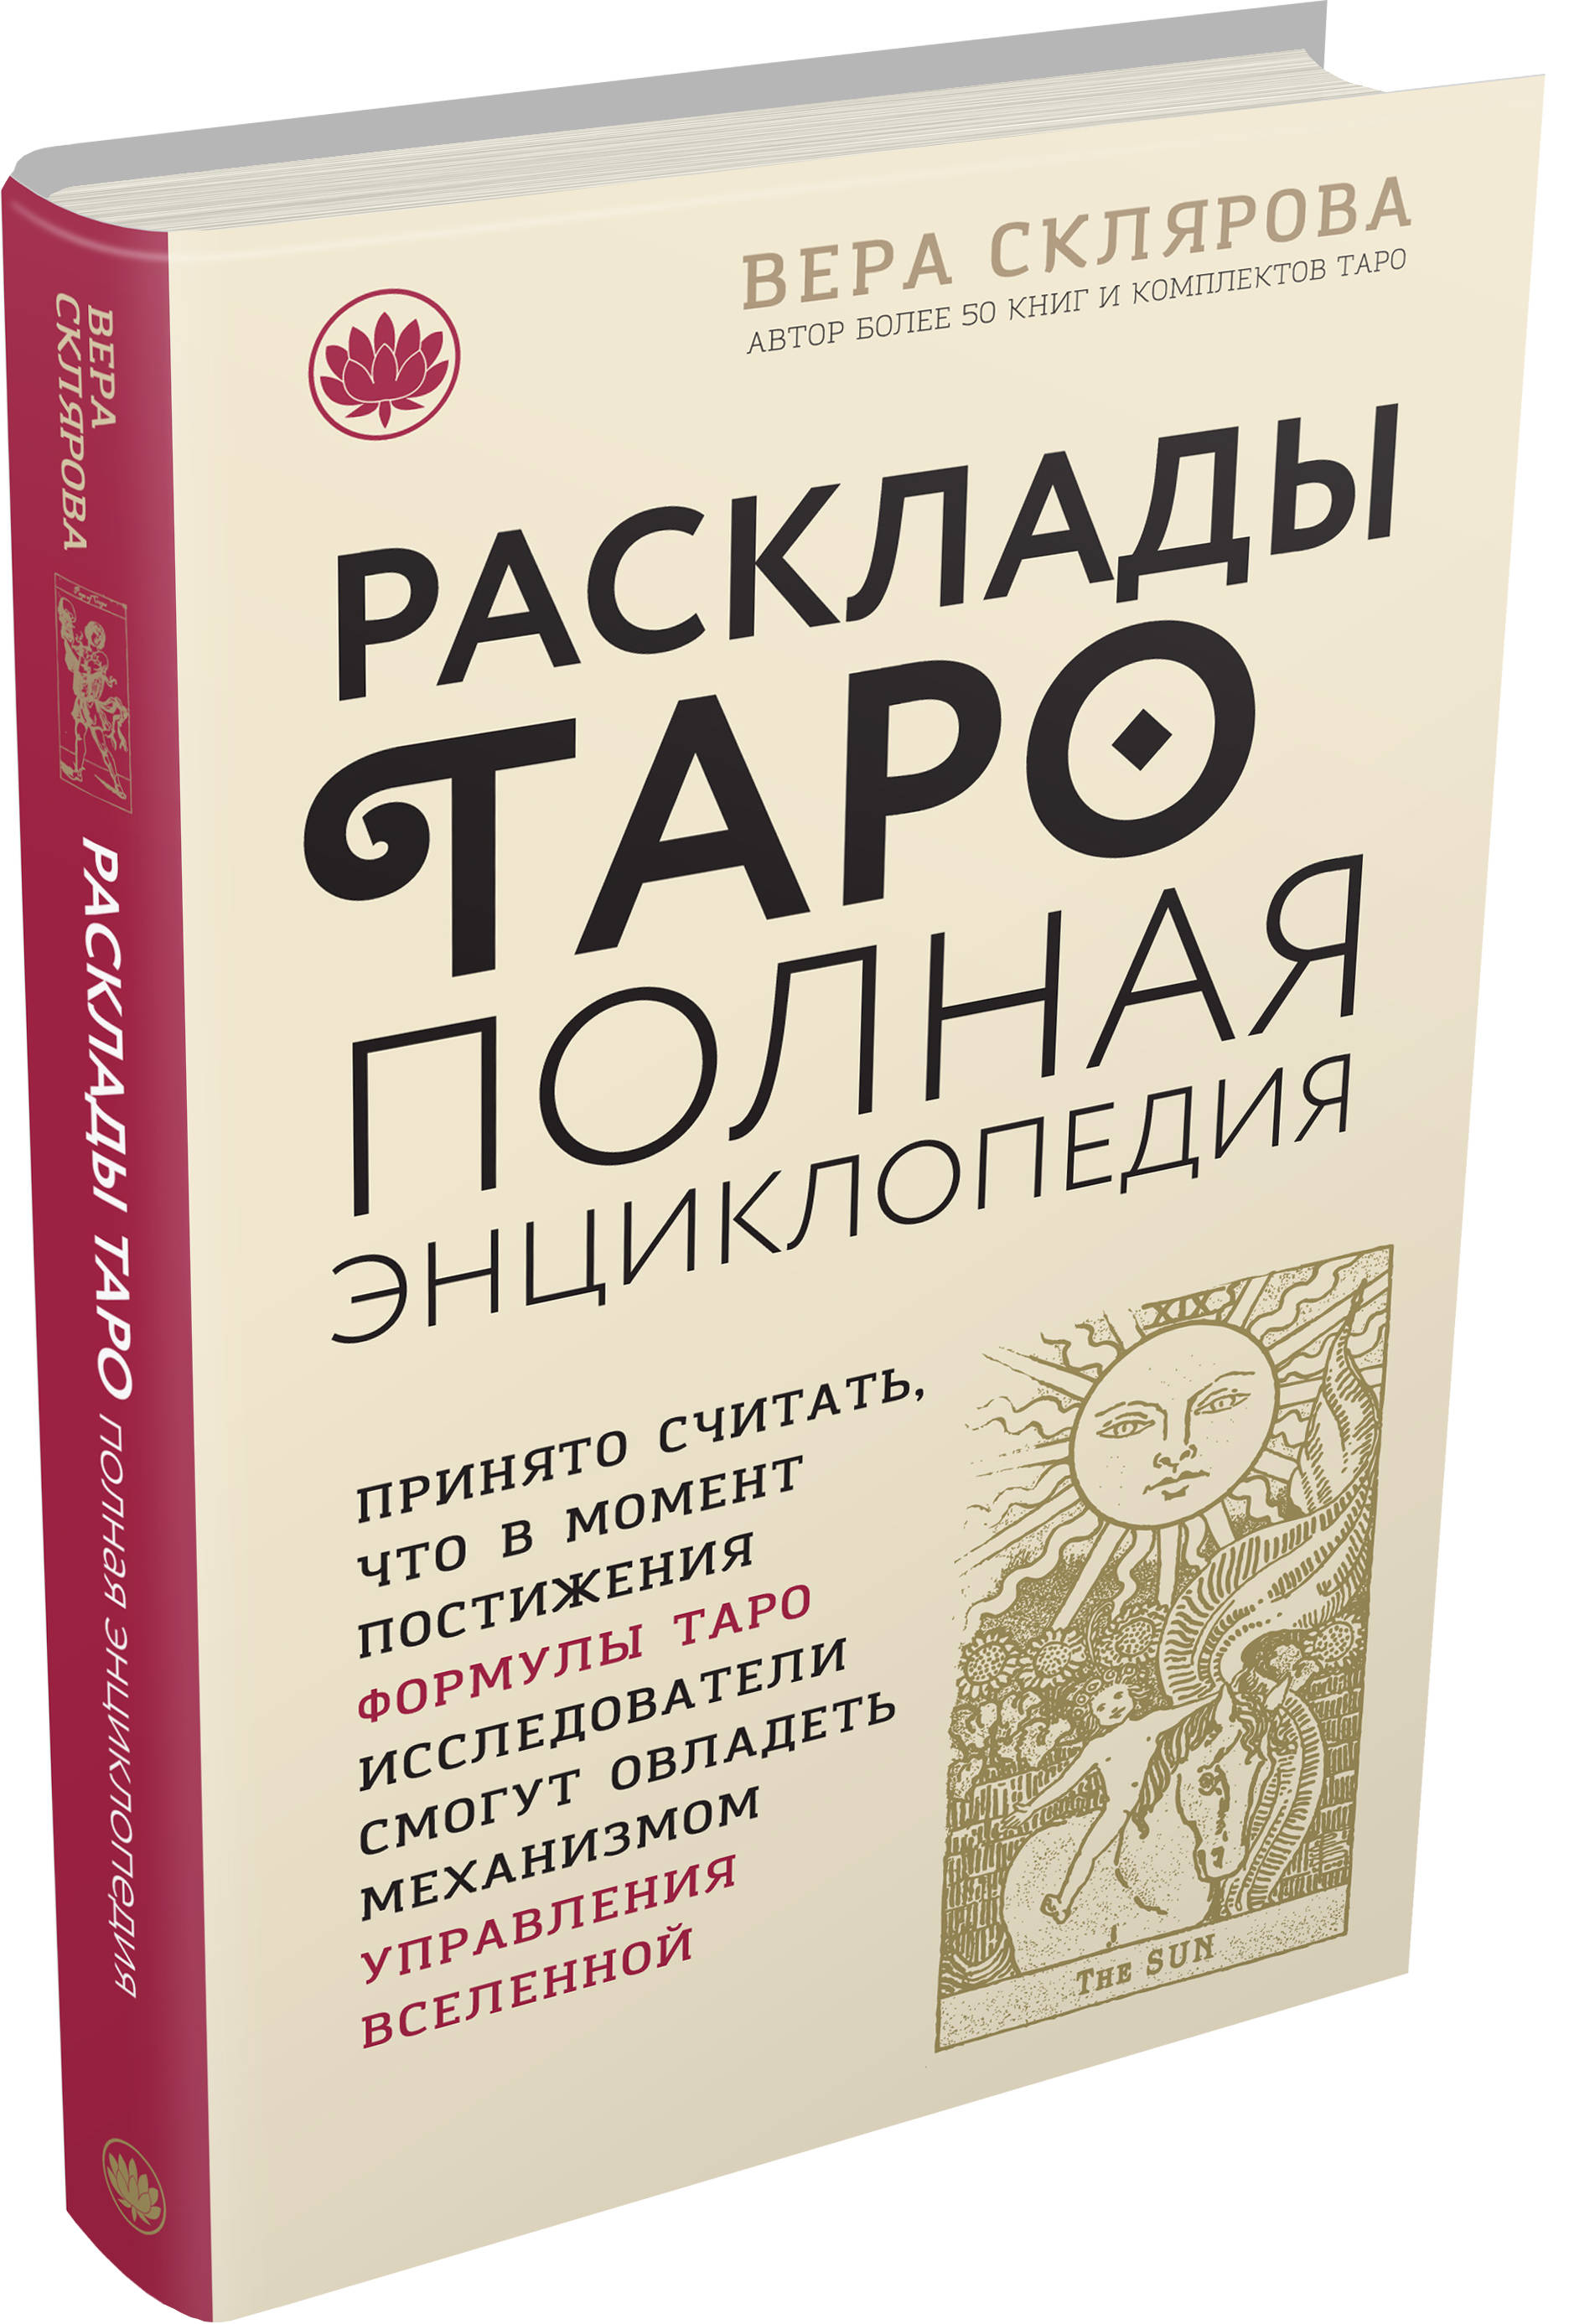 Вера Склярова Расклады ТАРО. Полная энциклопедия (бежевая)